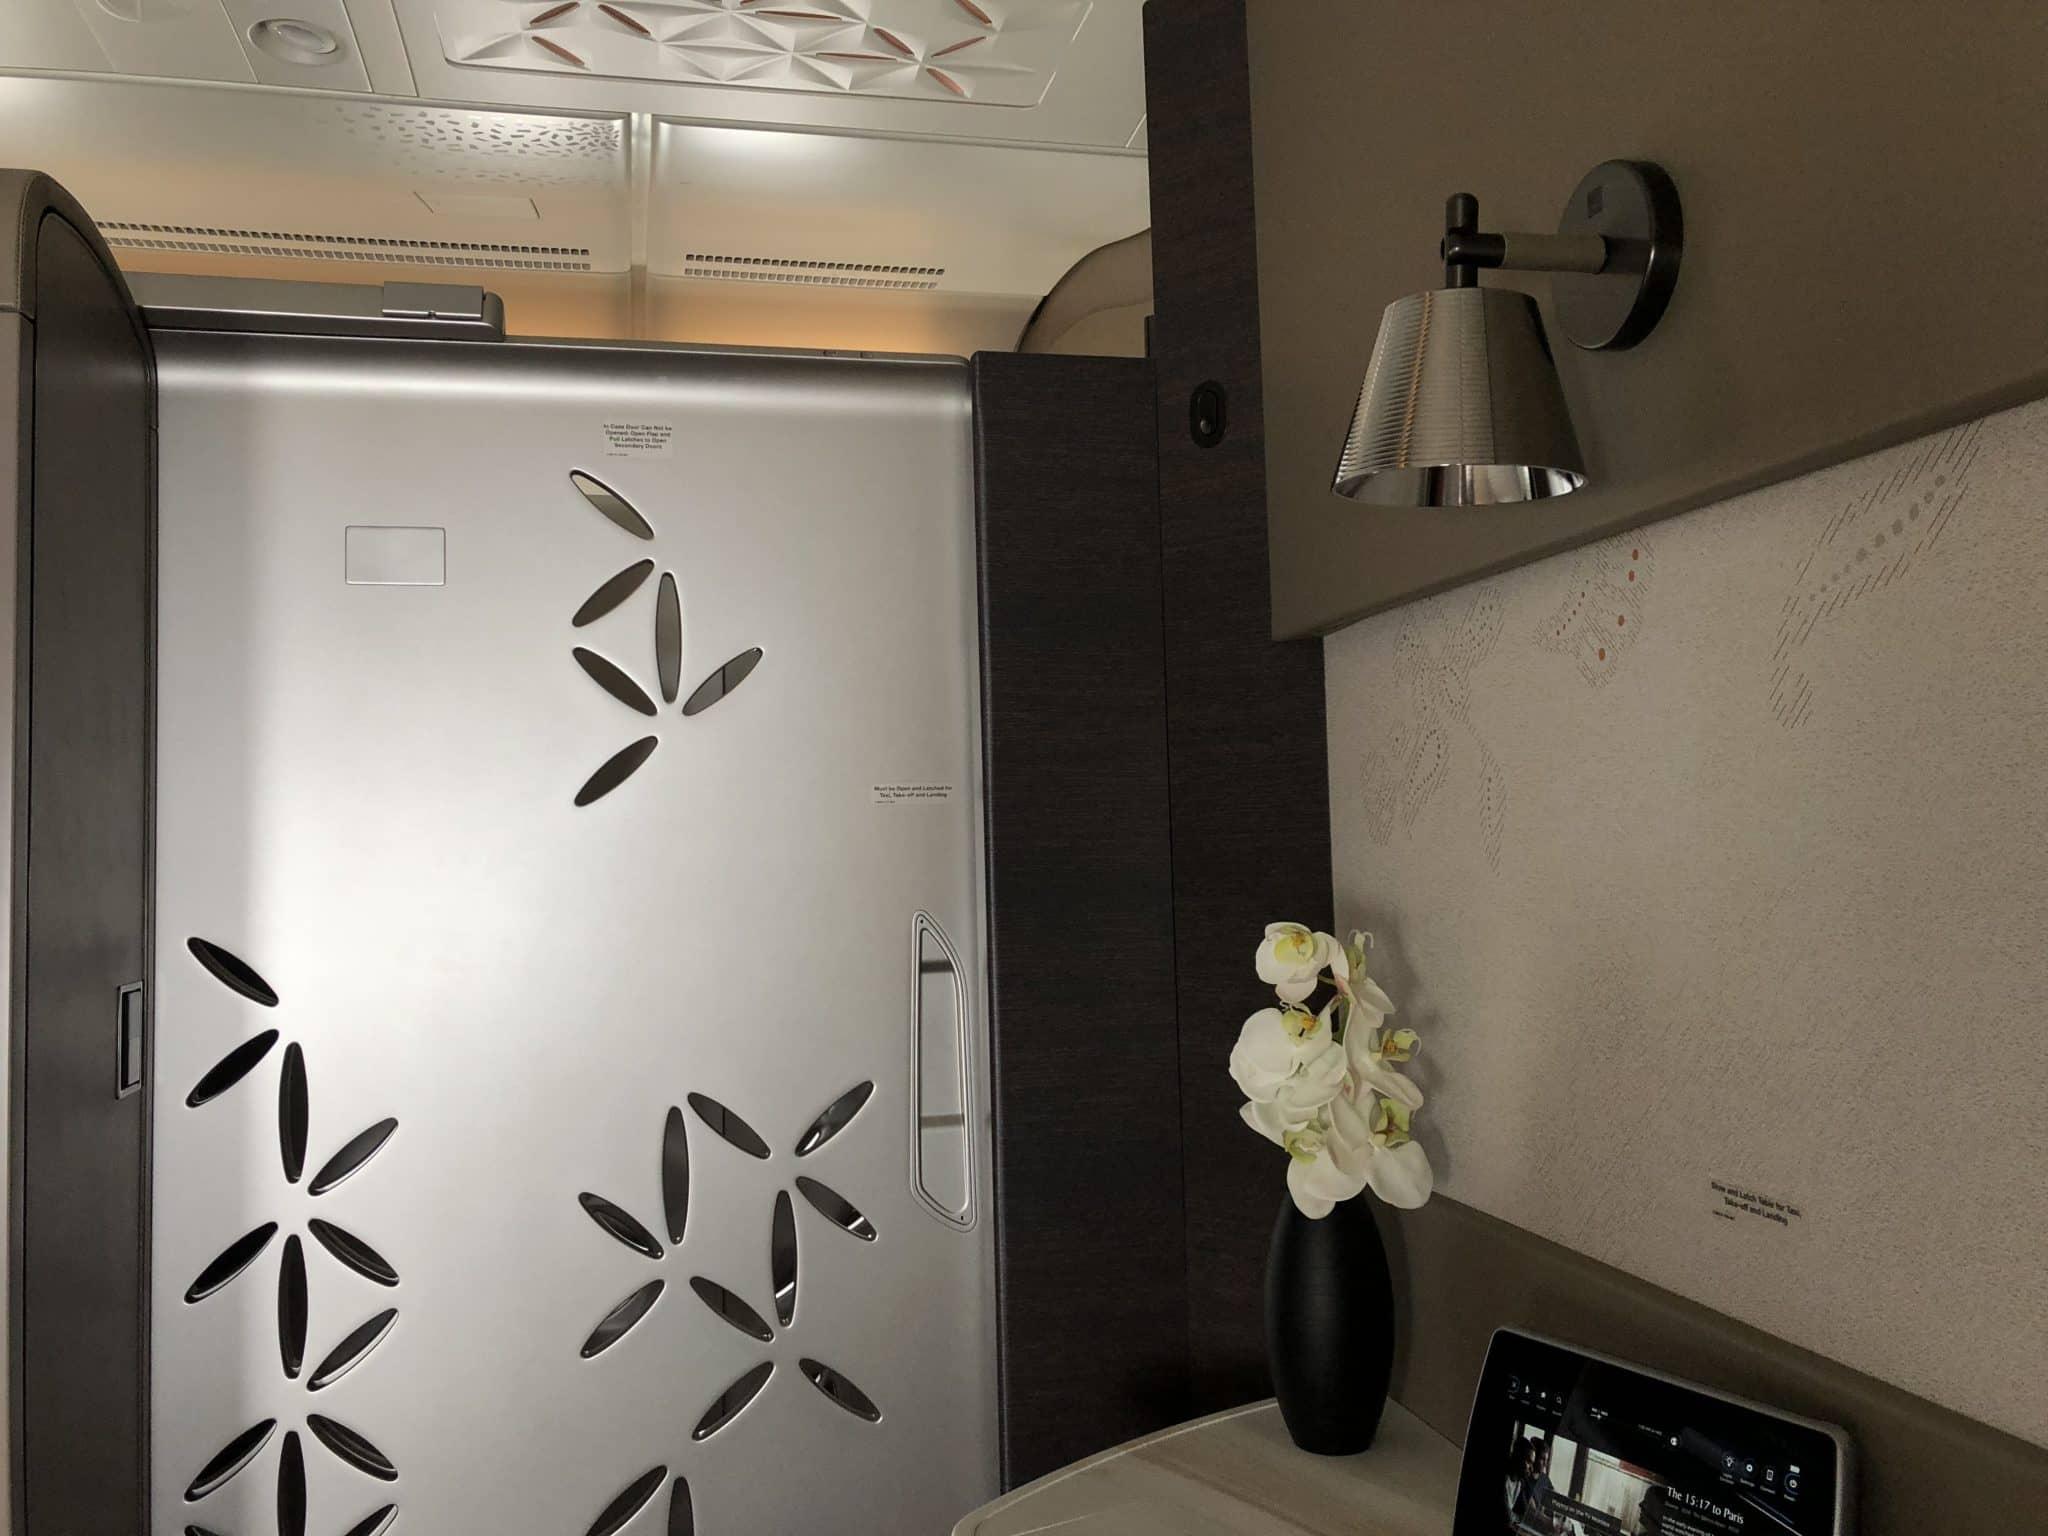 Singapore Airlines neue First Class A380 Tuer geschlossen